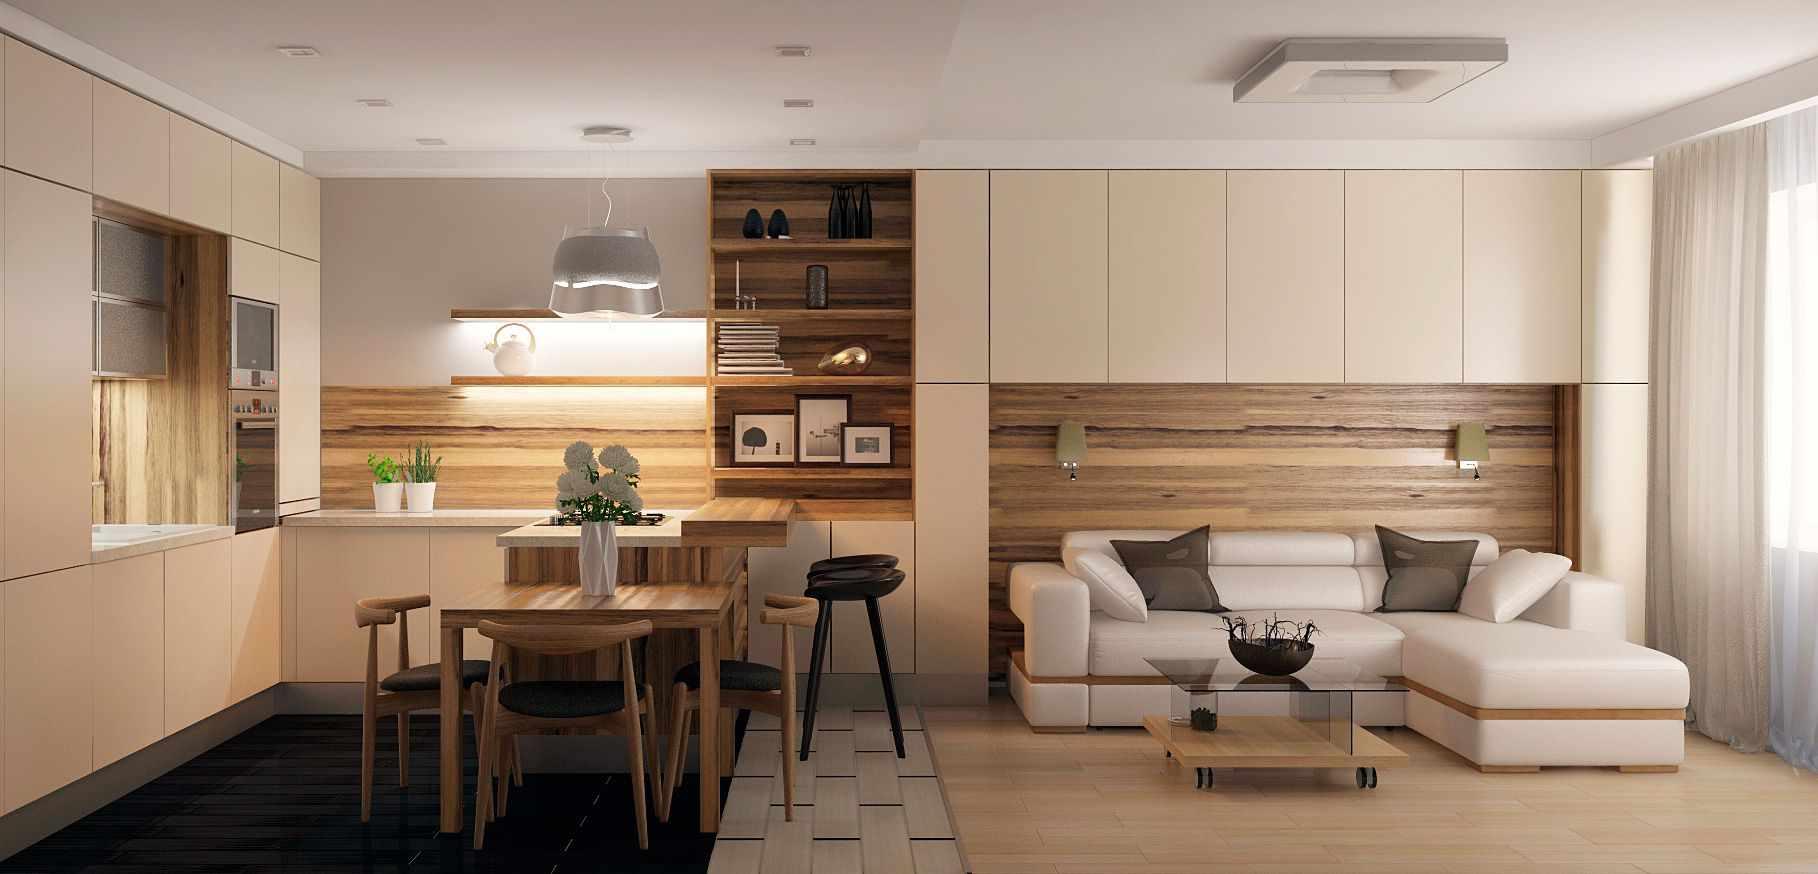 Экономия пространства - одно из преимуществ кухни-гостиной